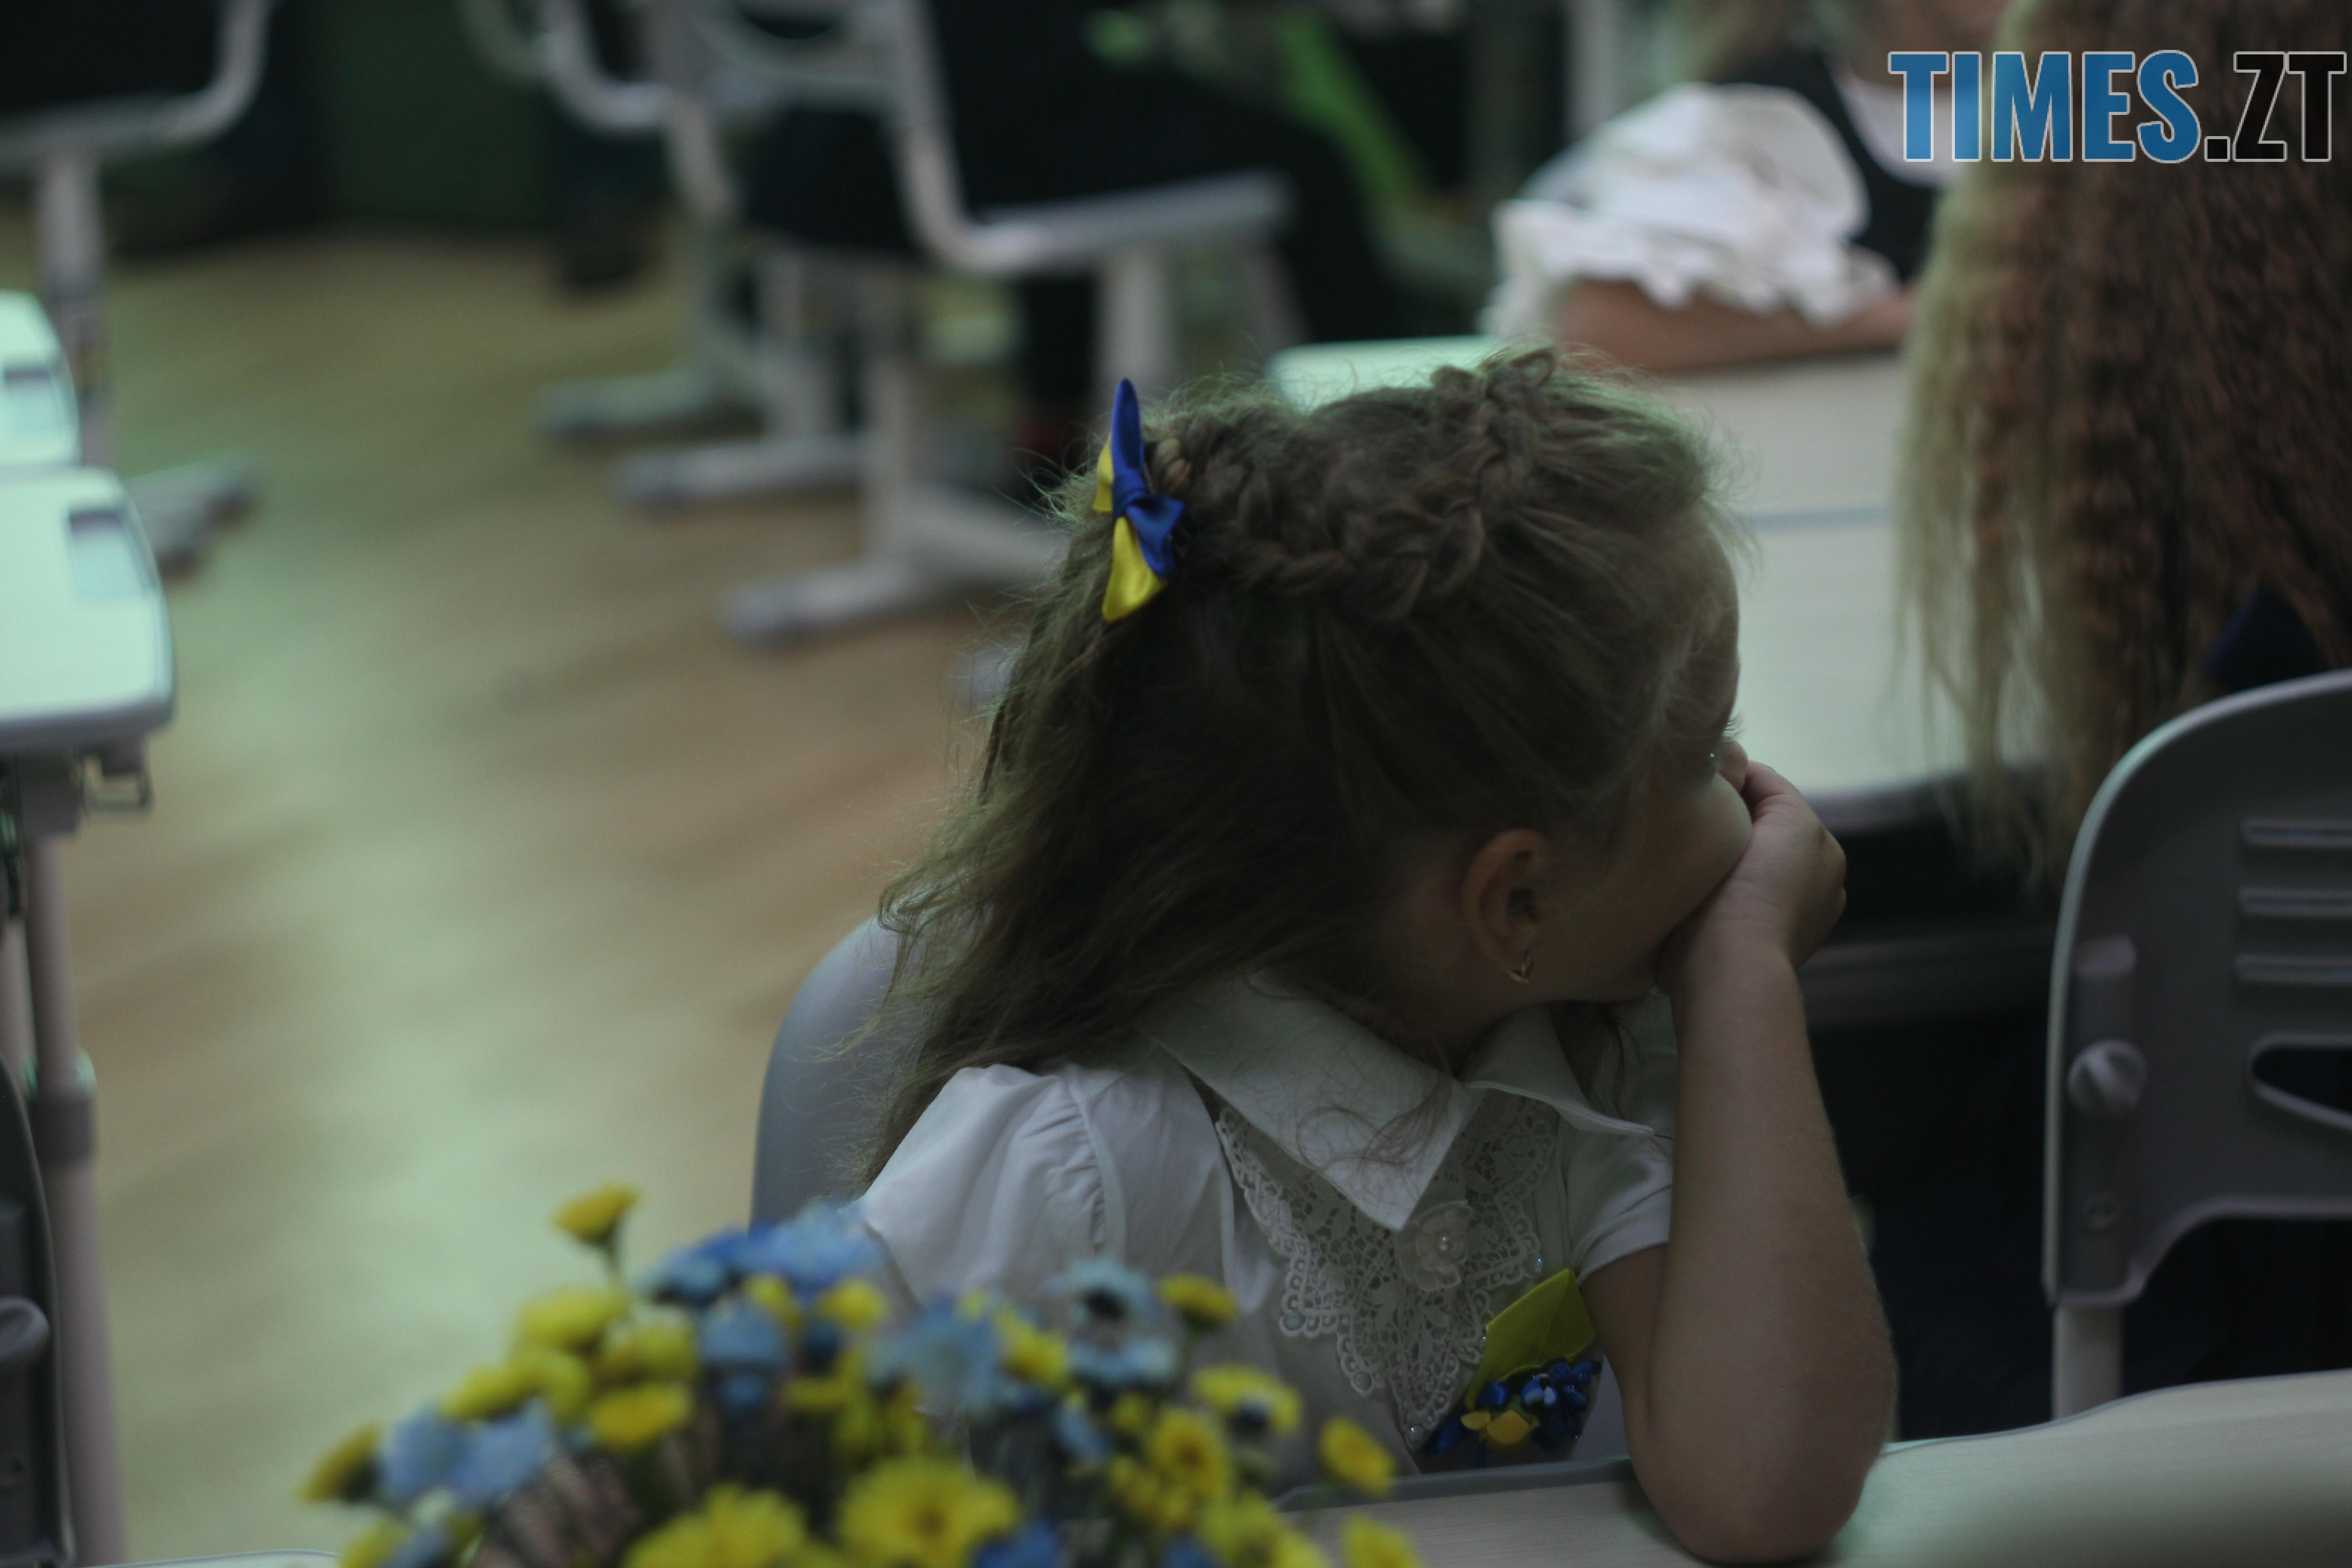 IMG 8994 - Майже 4 тисячі житомирських першокласників навчатимуться за системою Нової української школи (ФОТОРЕПОРТАЖ)